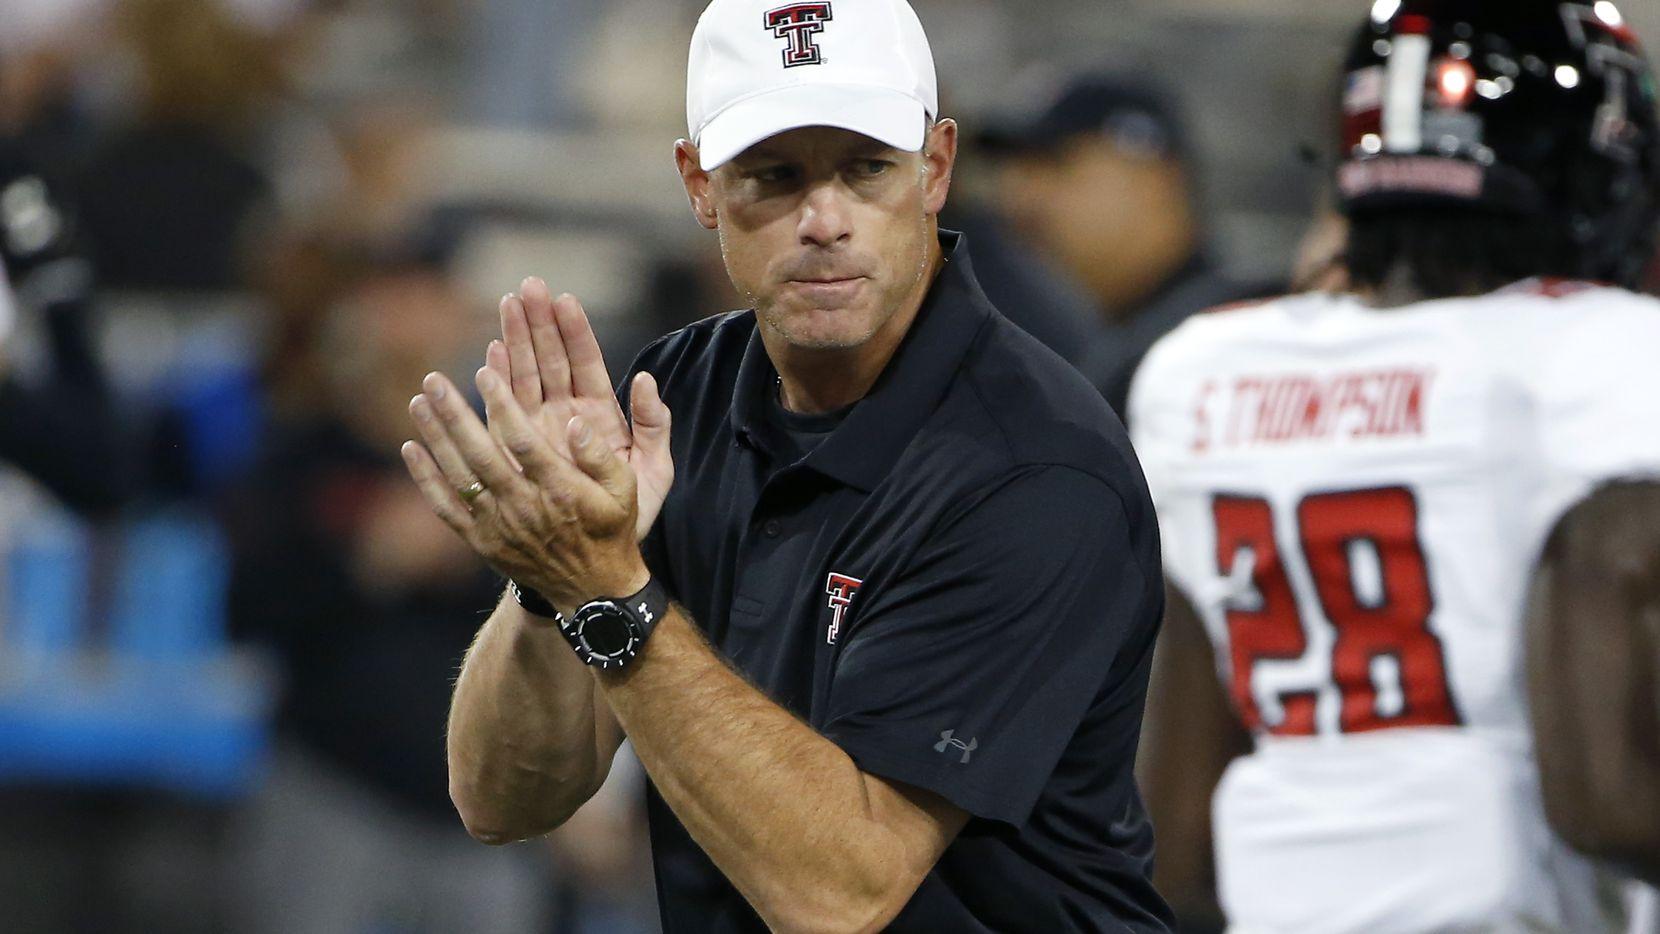 Texas Tech head coach Matt Wells prior to an NCAA college football game against Arizona, Saturday, Sept. 14, 2019, in Tucson, Ariz. (AP Photo/Ralph Freso)